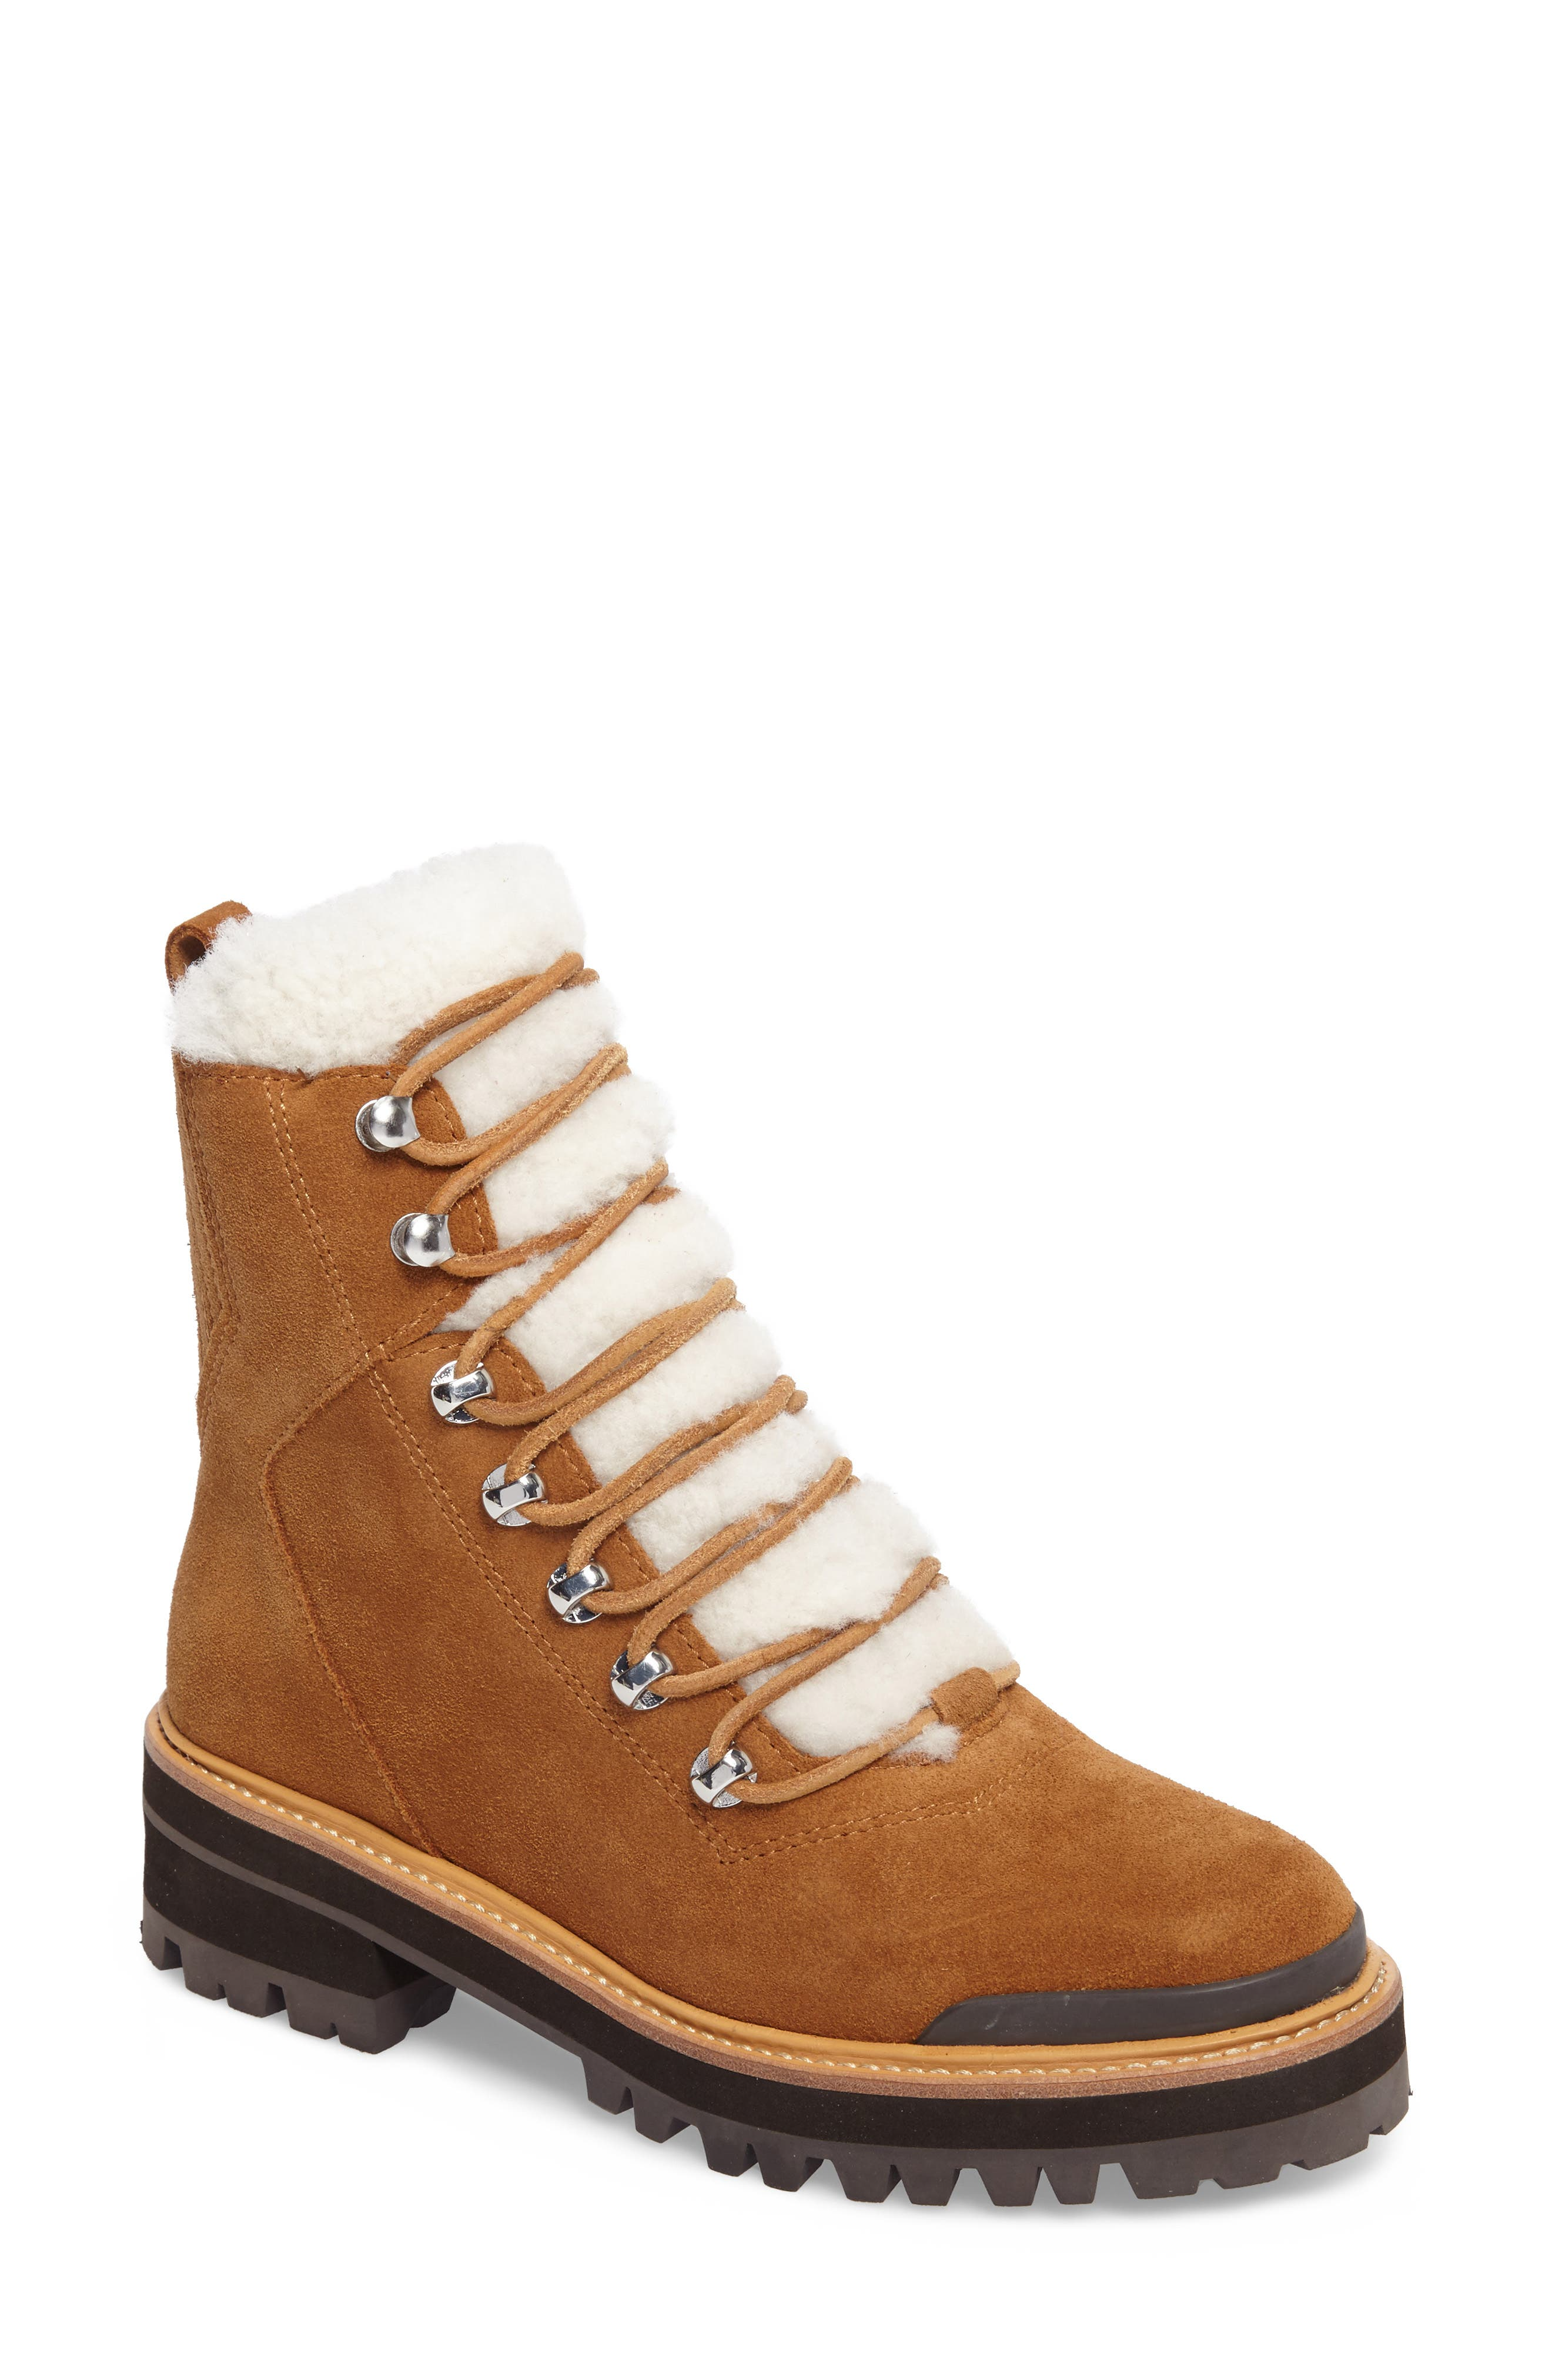 platform boots nordstrom